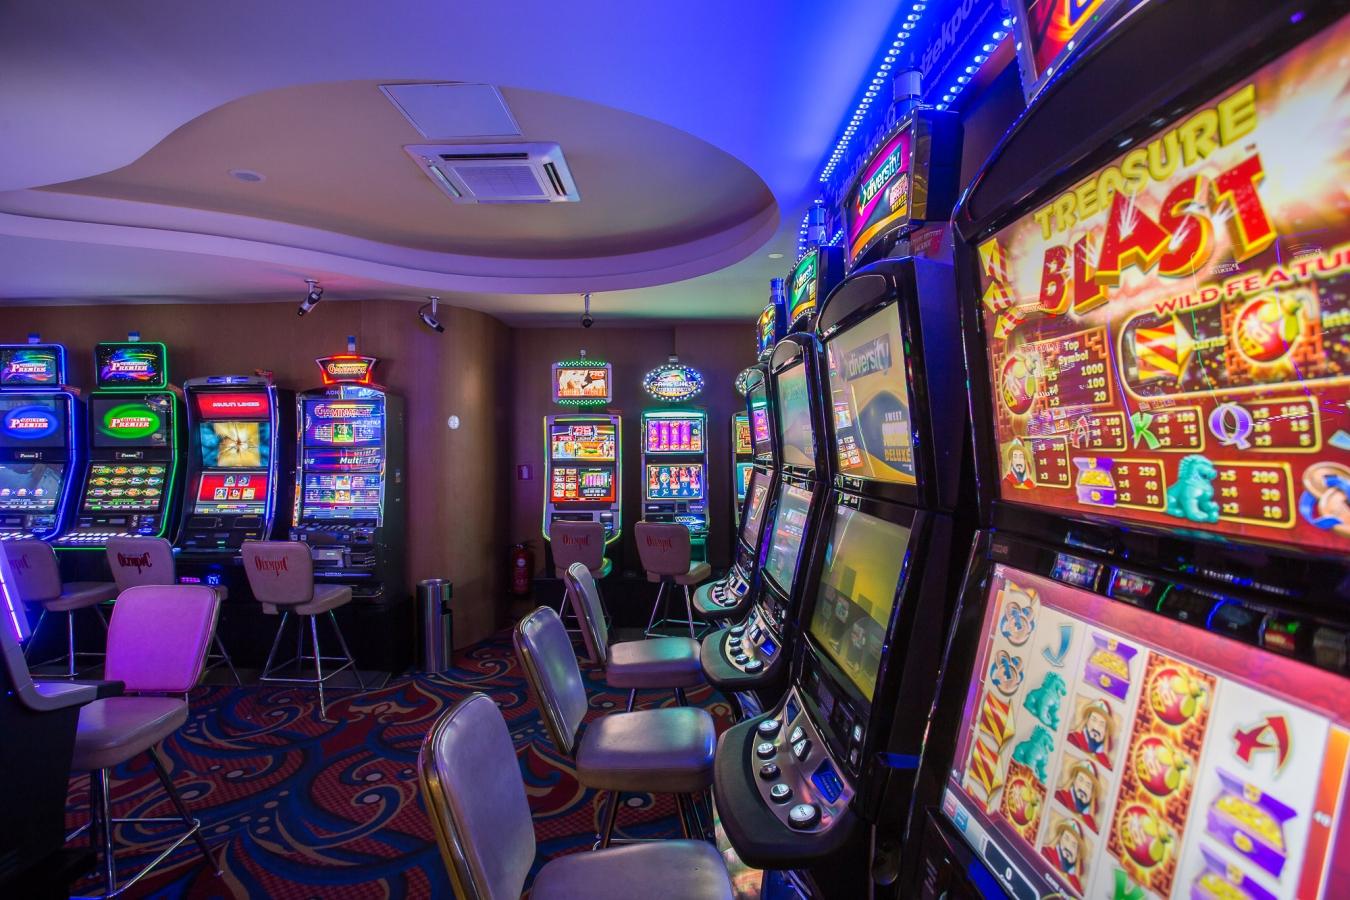 Olympic игровые автоматы вулкан игровые автоматы с бонусом за регистрацию без первого депозита